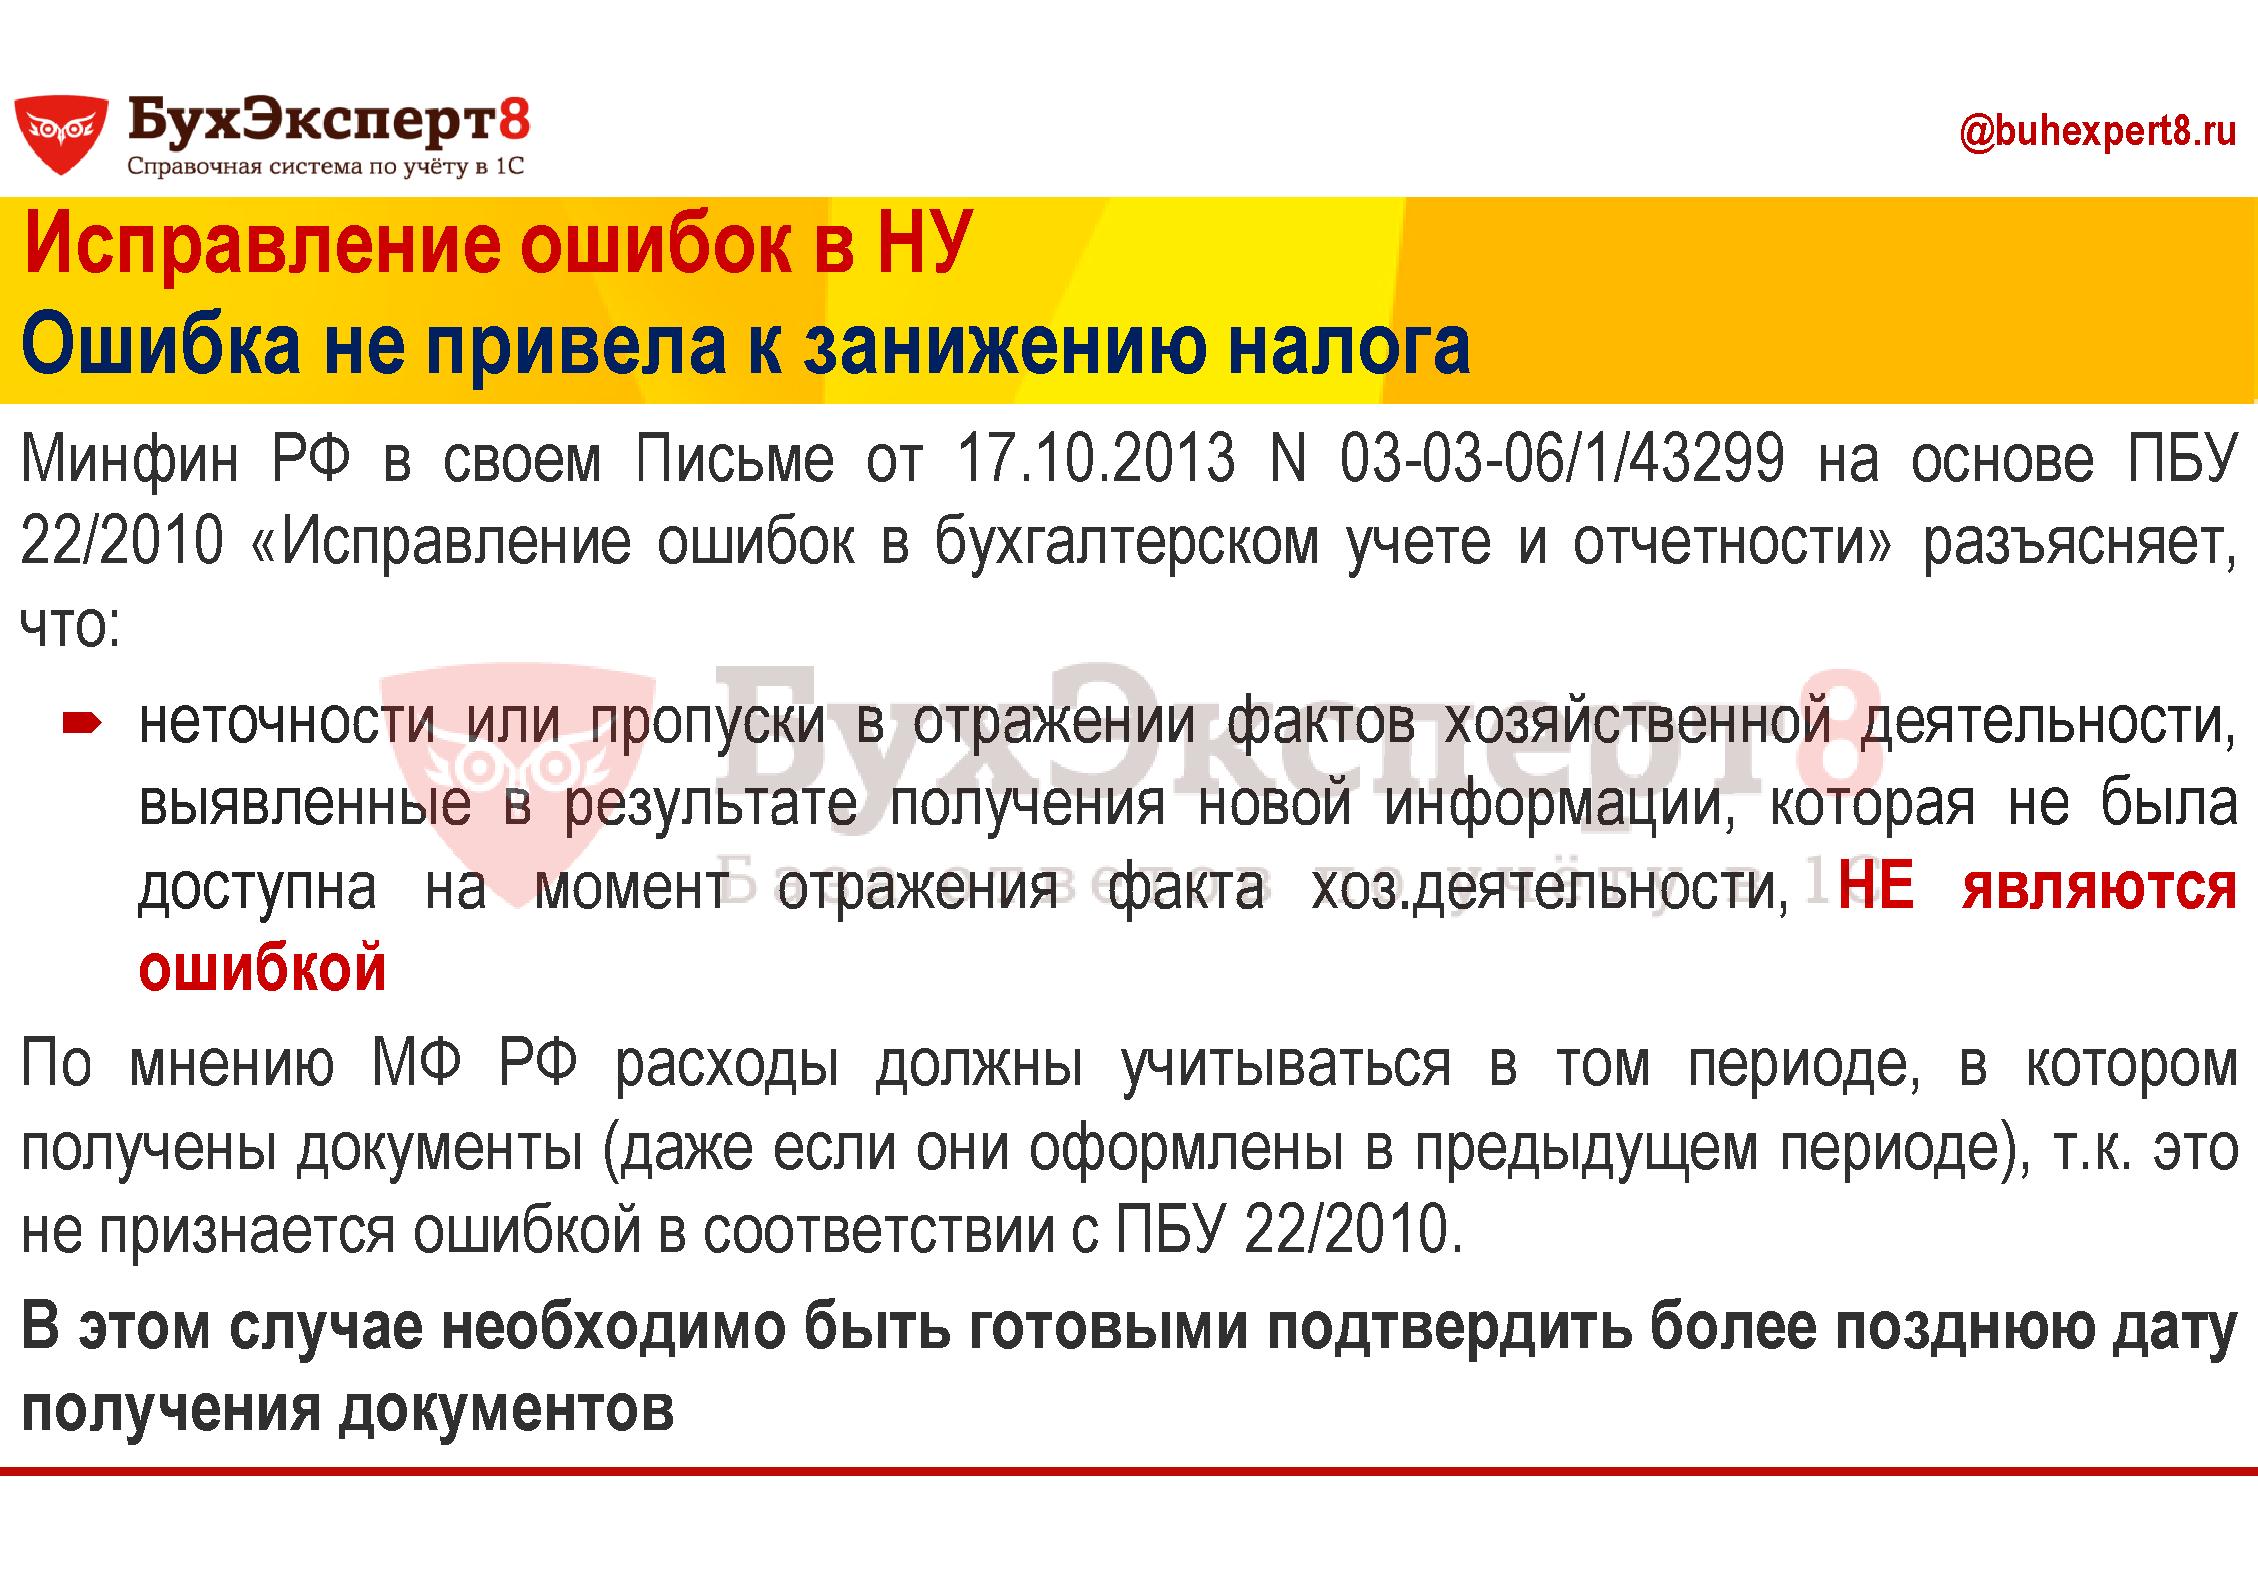 Минфин РФ в своем Письме от 17.10.2013 N 03-03-06/1/43299 на основе ПБУ 22/2010 «Исправление ошибок в бухгалтерском учете и отчетности» разъясняет, что: неточности или пропуски в отражении фактов хозяйственной деятельности, выявленные в результате получения новой информации, которая не была доступна на момент отражения факта хоз.деятельности, НЕ являются ошибкой По мнению МФ РФ расходы должны учитываться в том периоде, в котором получены документы (даже если они оформлены в предыдущем периоде), т.к. это не признается ошибкой в соответствии с ПБУ 22/2010. В этом случае необходимо быть готовыми подтвердить более позднюю дату получения документов